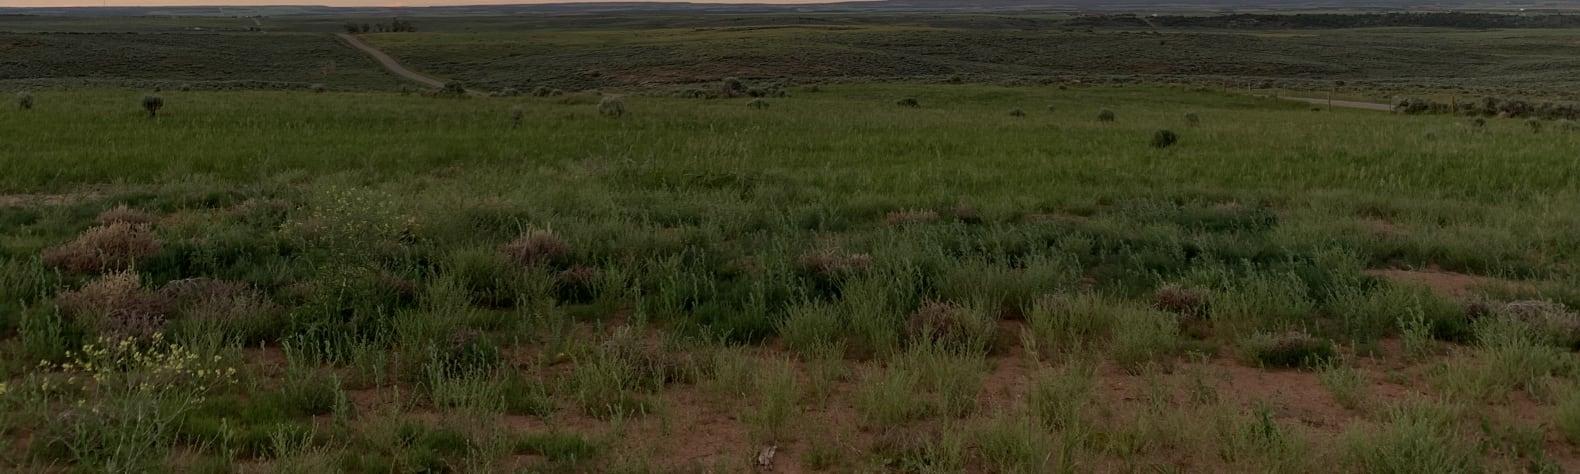 Canyon Country Solitude